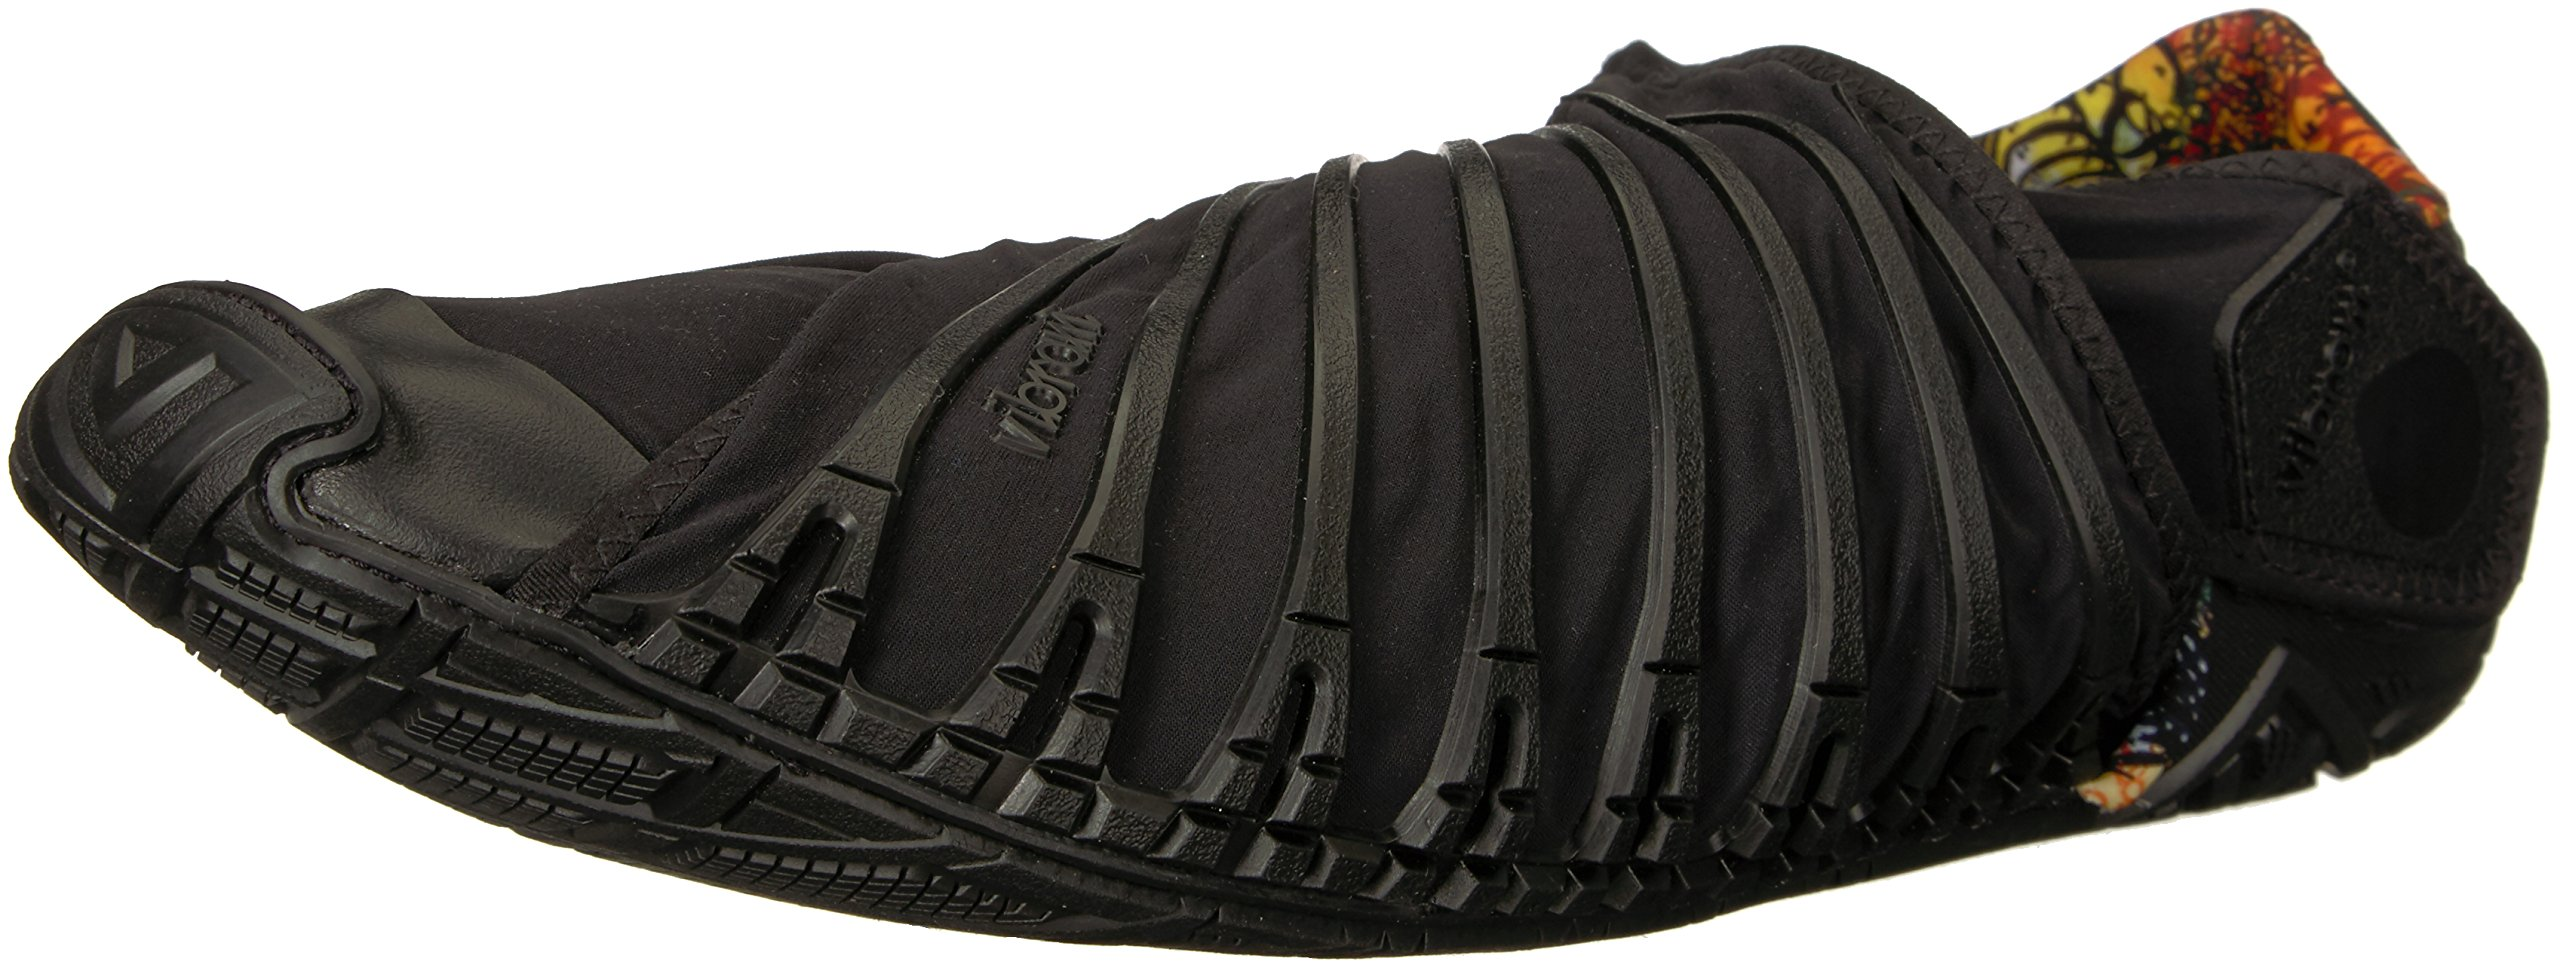 Vibram Men's Furoshiki Sneaker, Black, 44 EU/10.5-11 M US D EU (44 EU/10.5-11 US US)